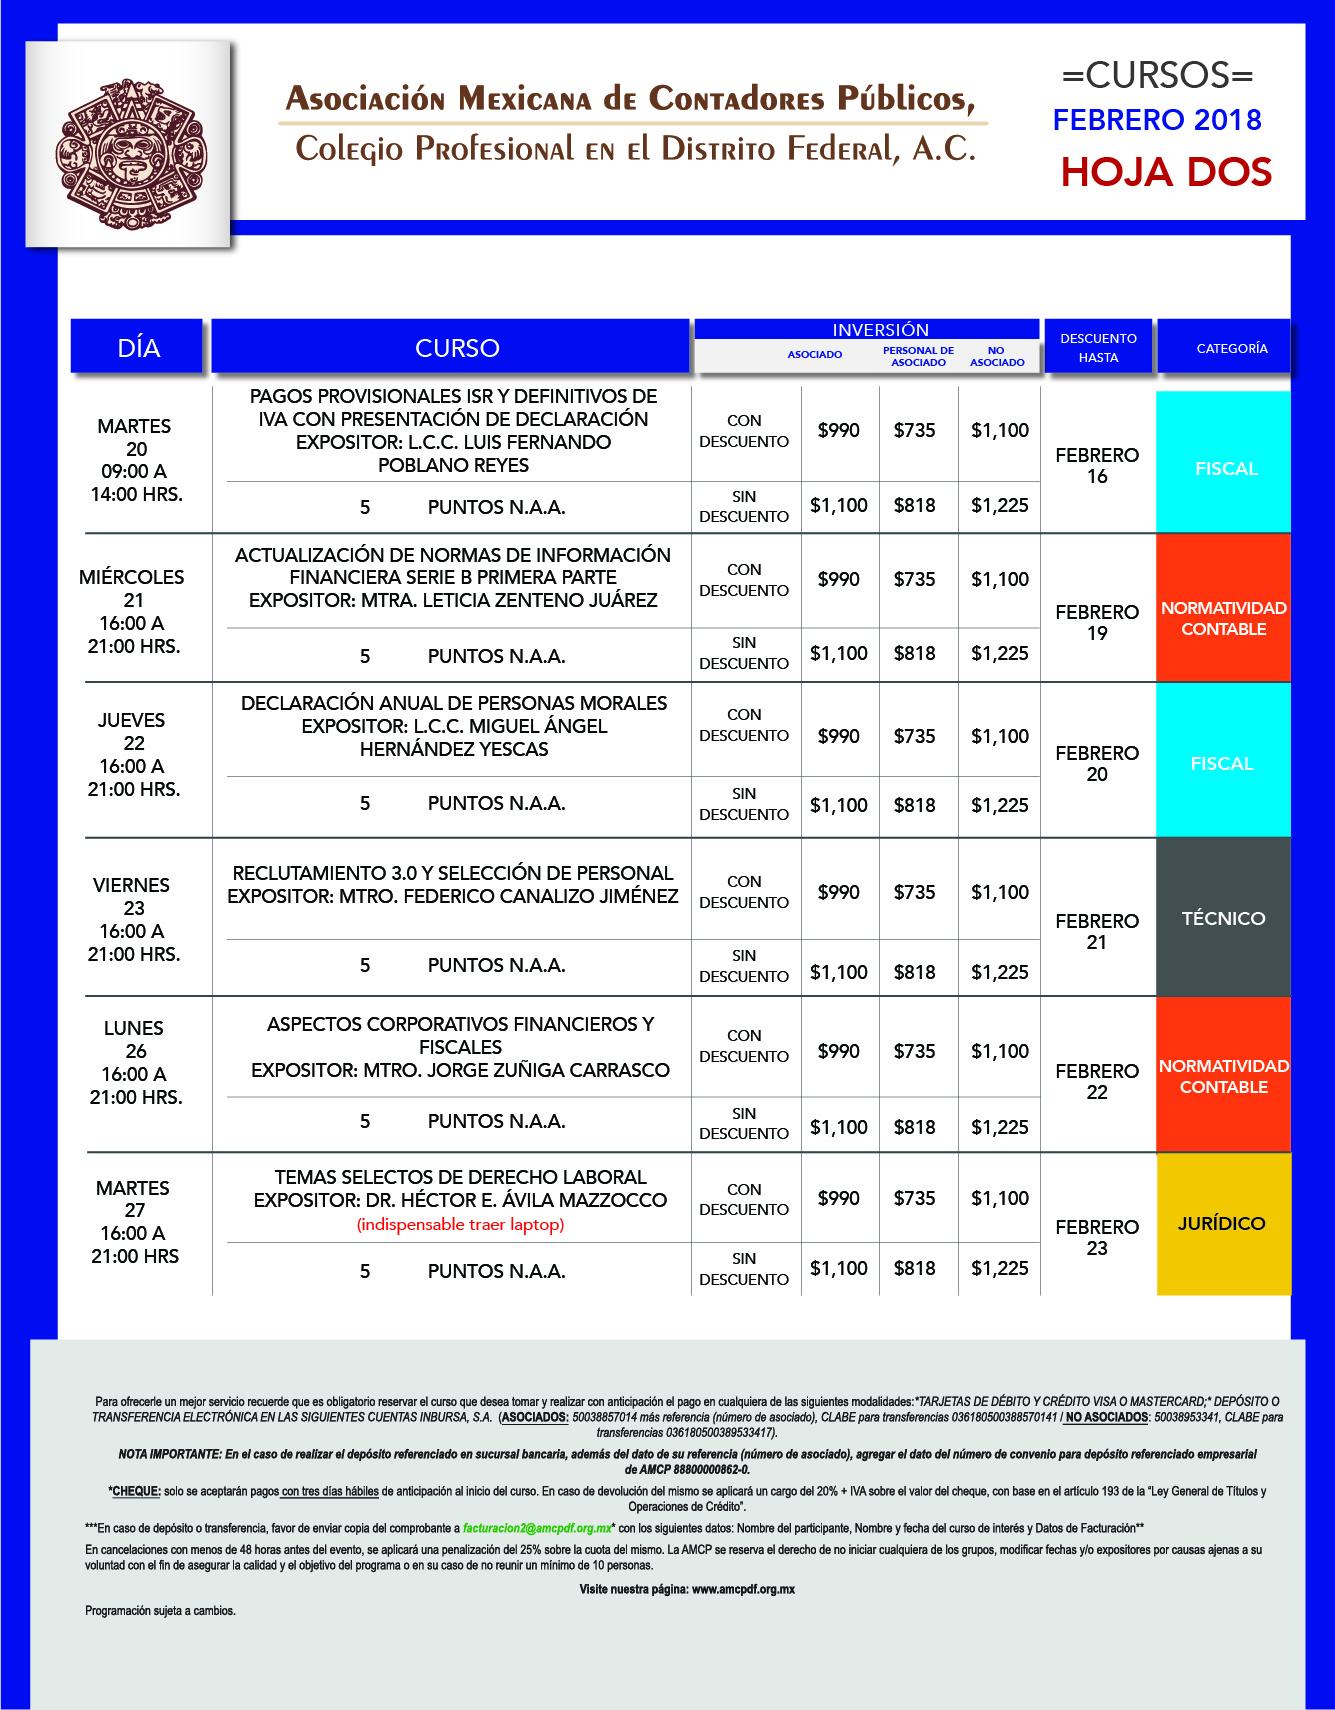 formato calendario mensual FEB 18-02